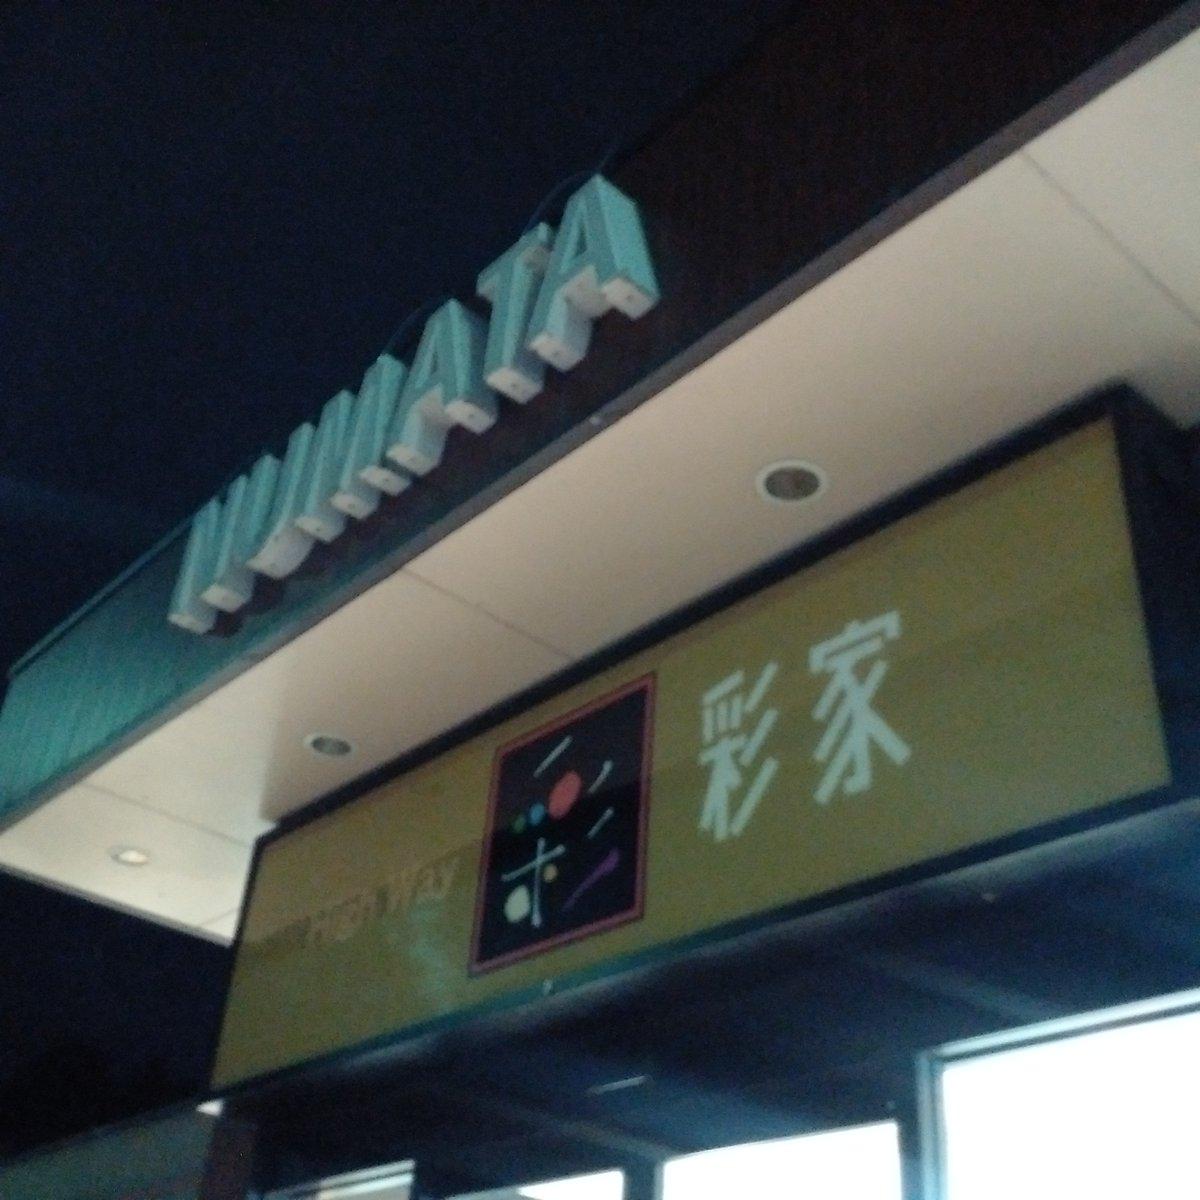 test ツイッターメディア - 山陽自動車道にある沼田PA(下り) 。 広島風お好み焼きを食べに来ましたが15遅れで食べることが出来ず。 19:30まででお好み焼きは注文終了します。 宮島SAに行きます。 https://t.co/StQIznEOHW